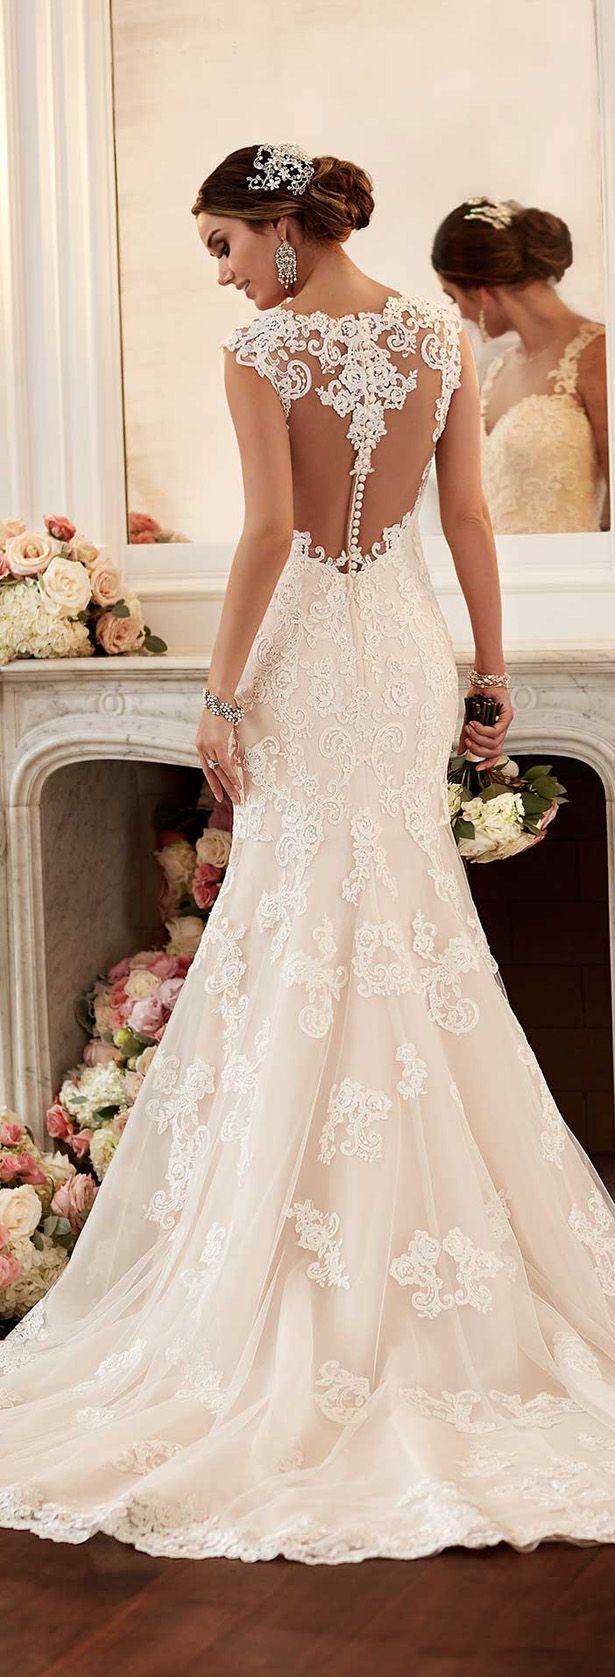 db4dba70b09aadb17b3f325e9ba43a73--lace-back-wedding-dress--wedding-dresses